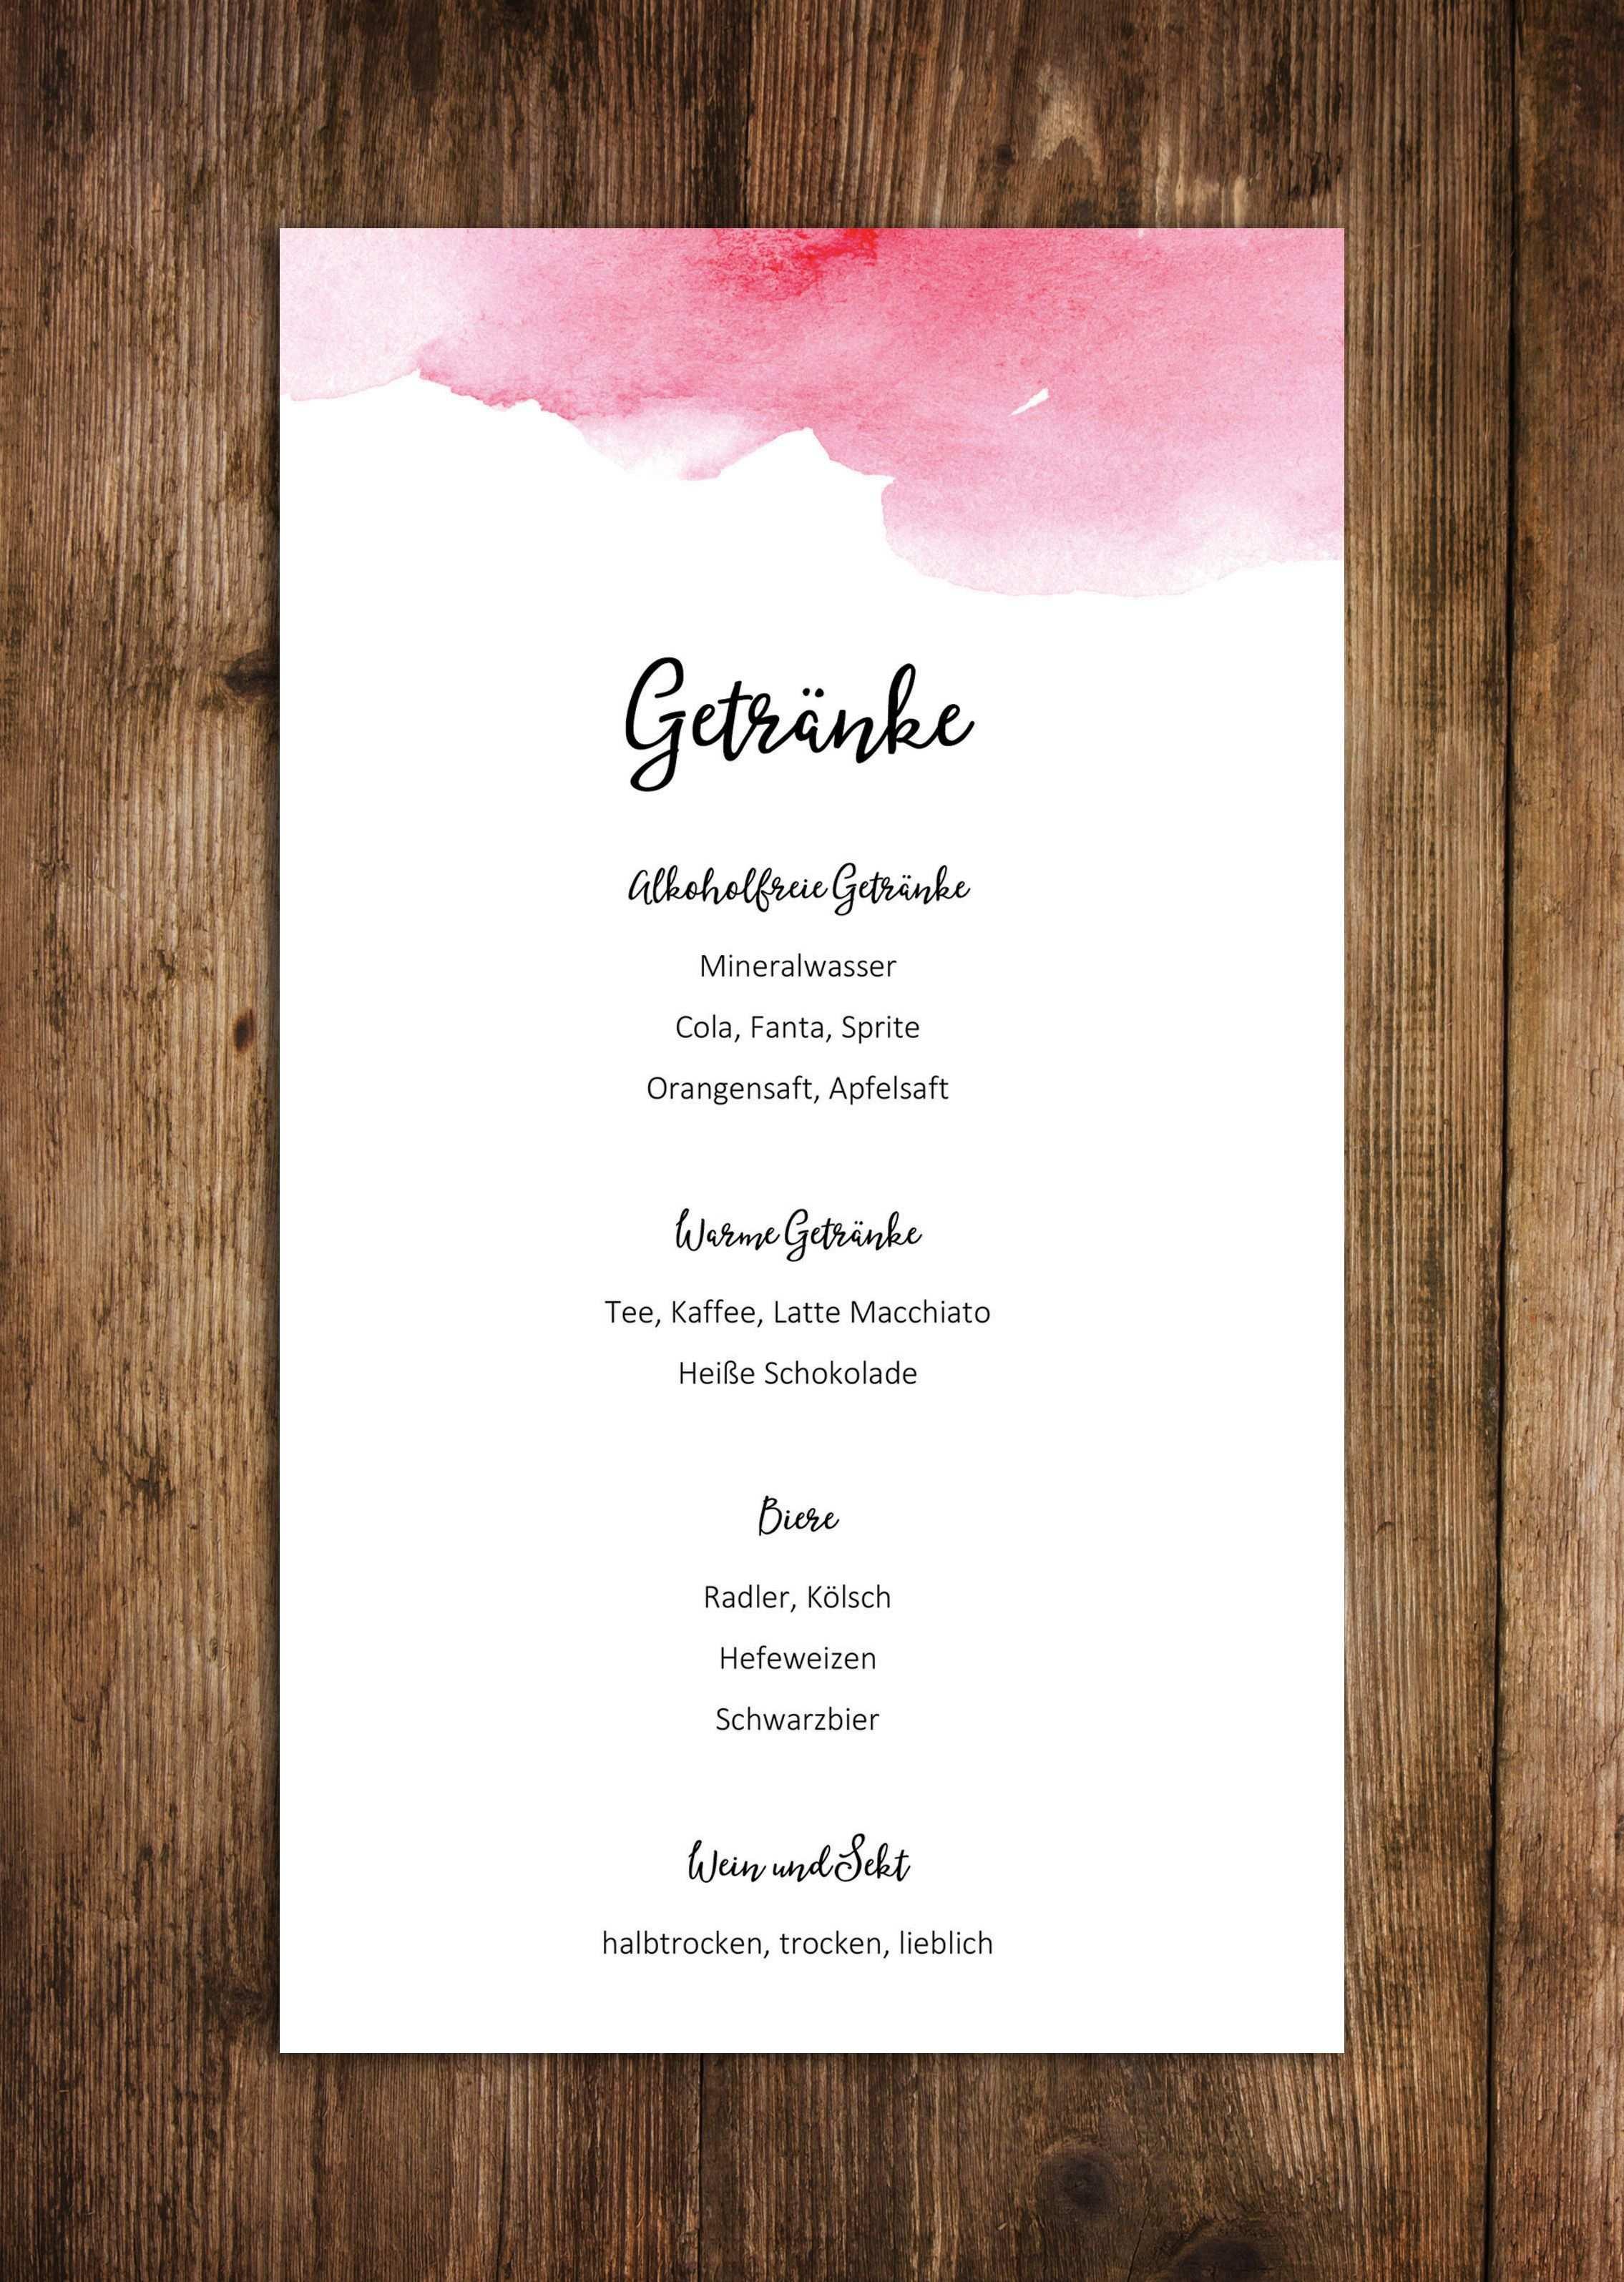 Menukarten Zum Bedrucken Hochzeit Getrankekarte Hochzeit Getranke Karte Hochzeit Restaurant